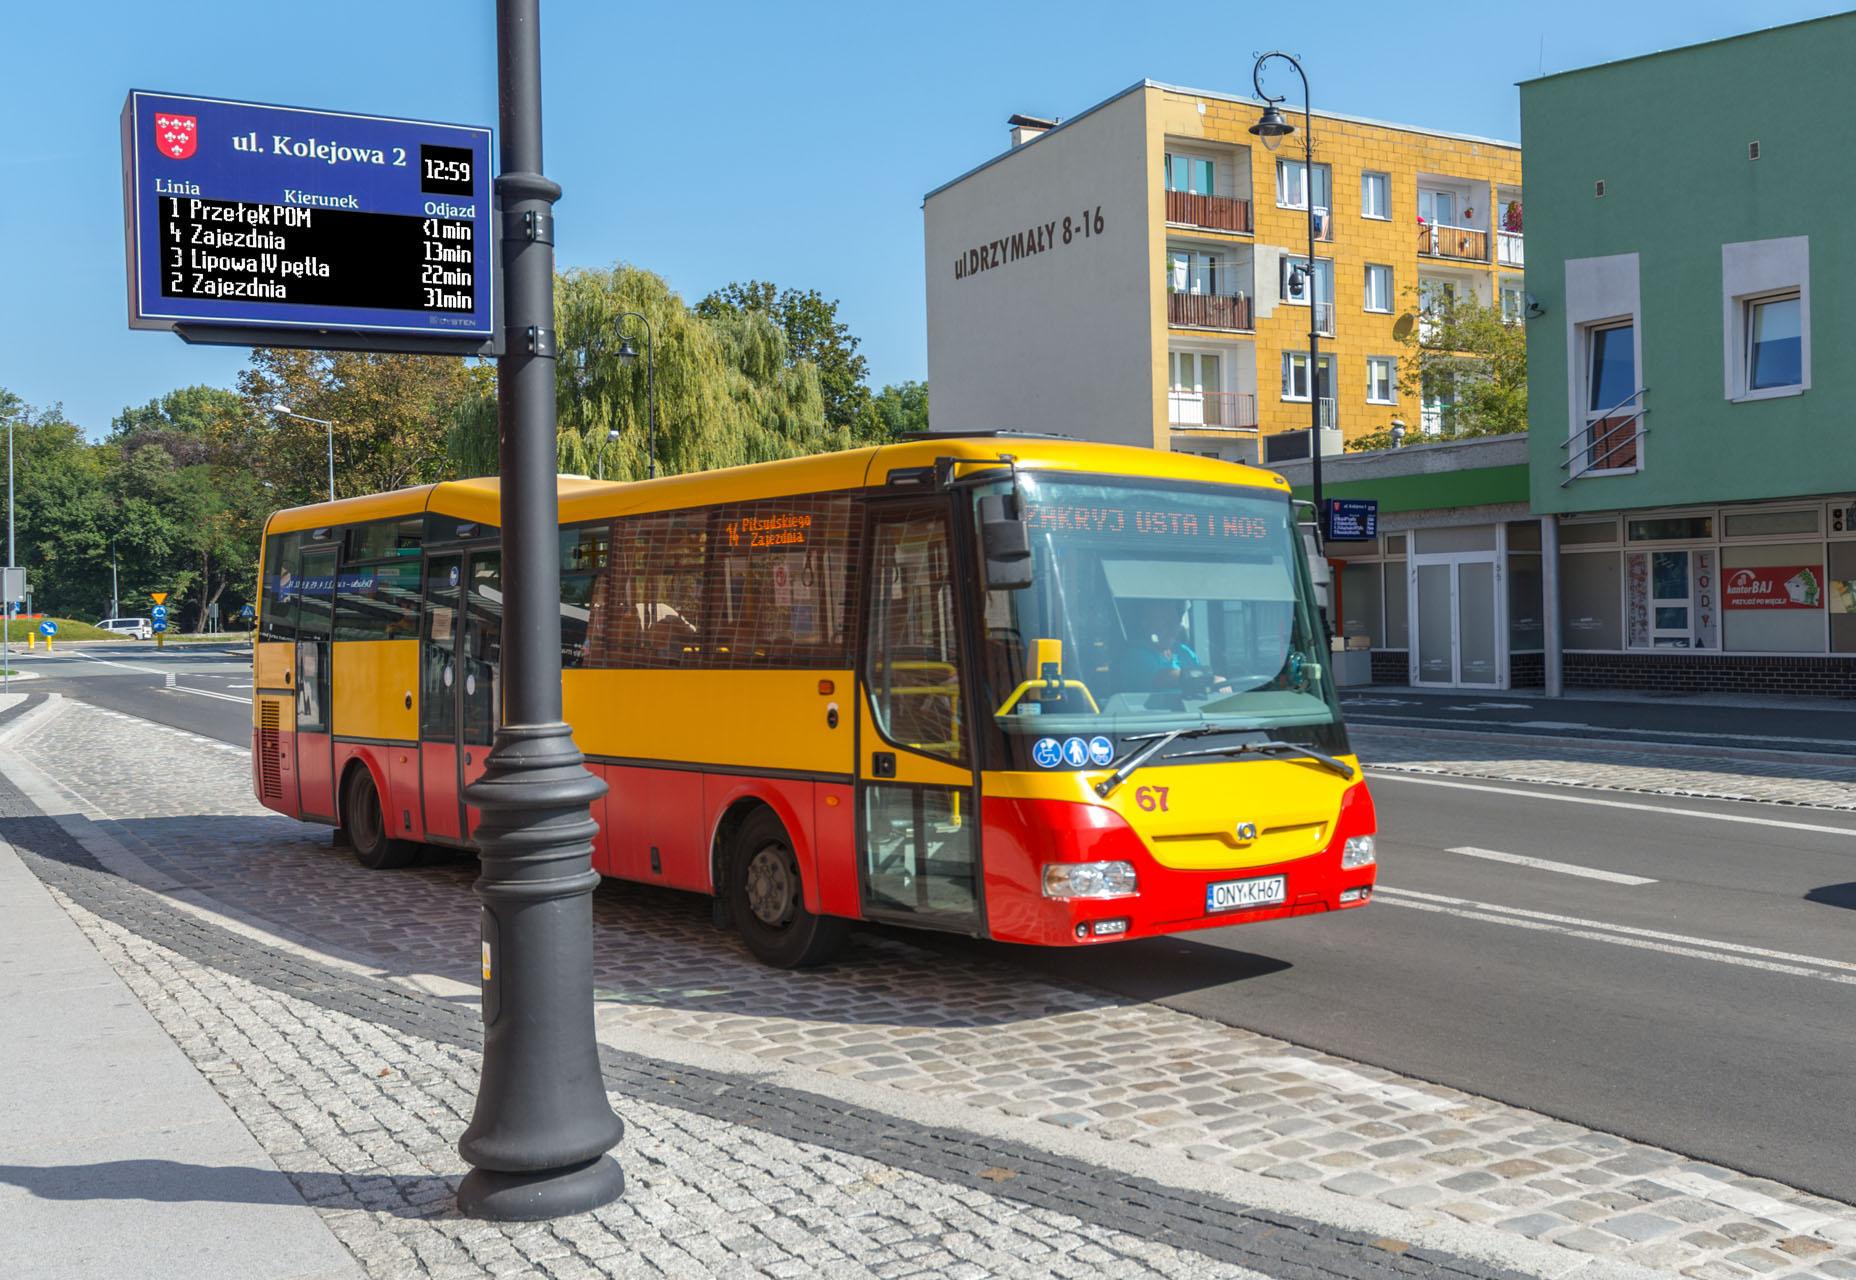 Tablice wyświetlacze dynamicznej informacji pasażerskiej LED RGB, Nysa 2020, LED RGB Passenger Information Displays, the city of Nysa